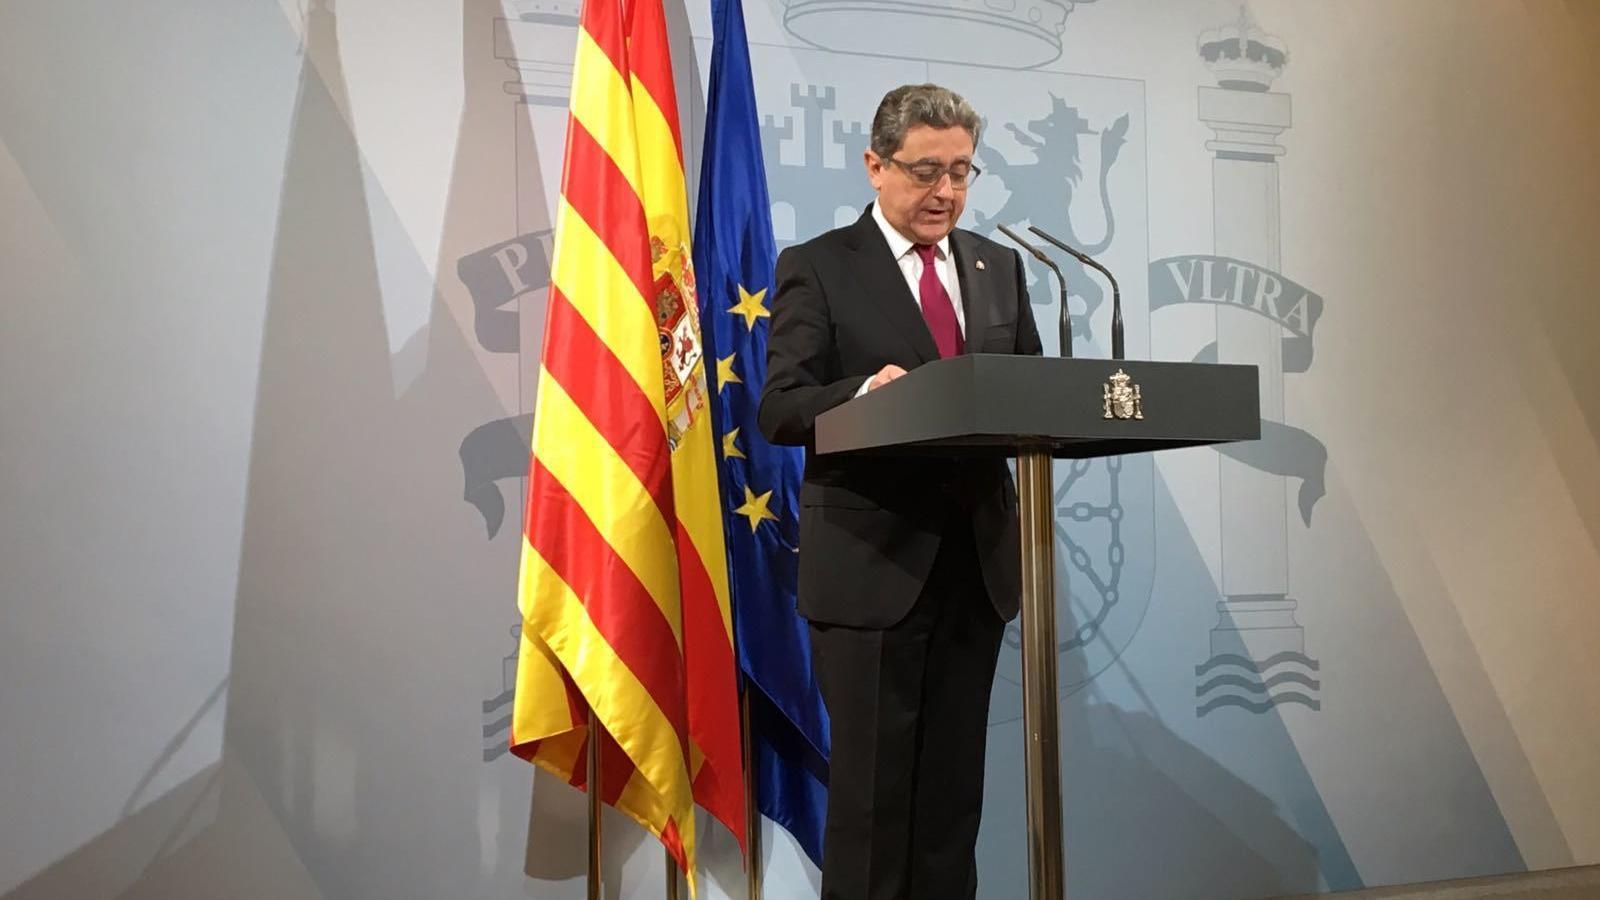 Enric Millo compareix a la seu de la delegació del govern espanyol a Catalunya per explicar els acords que ha pres el Consell de Ministres que fan referència a Catalunya.